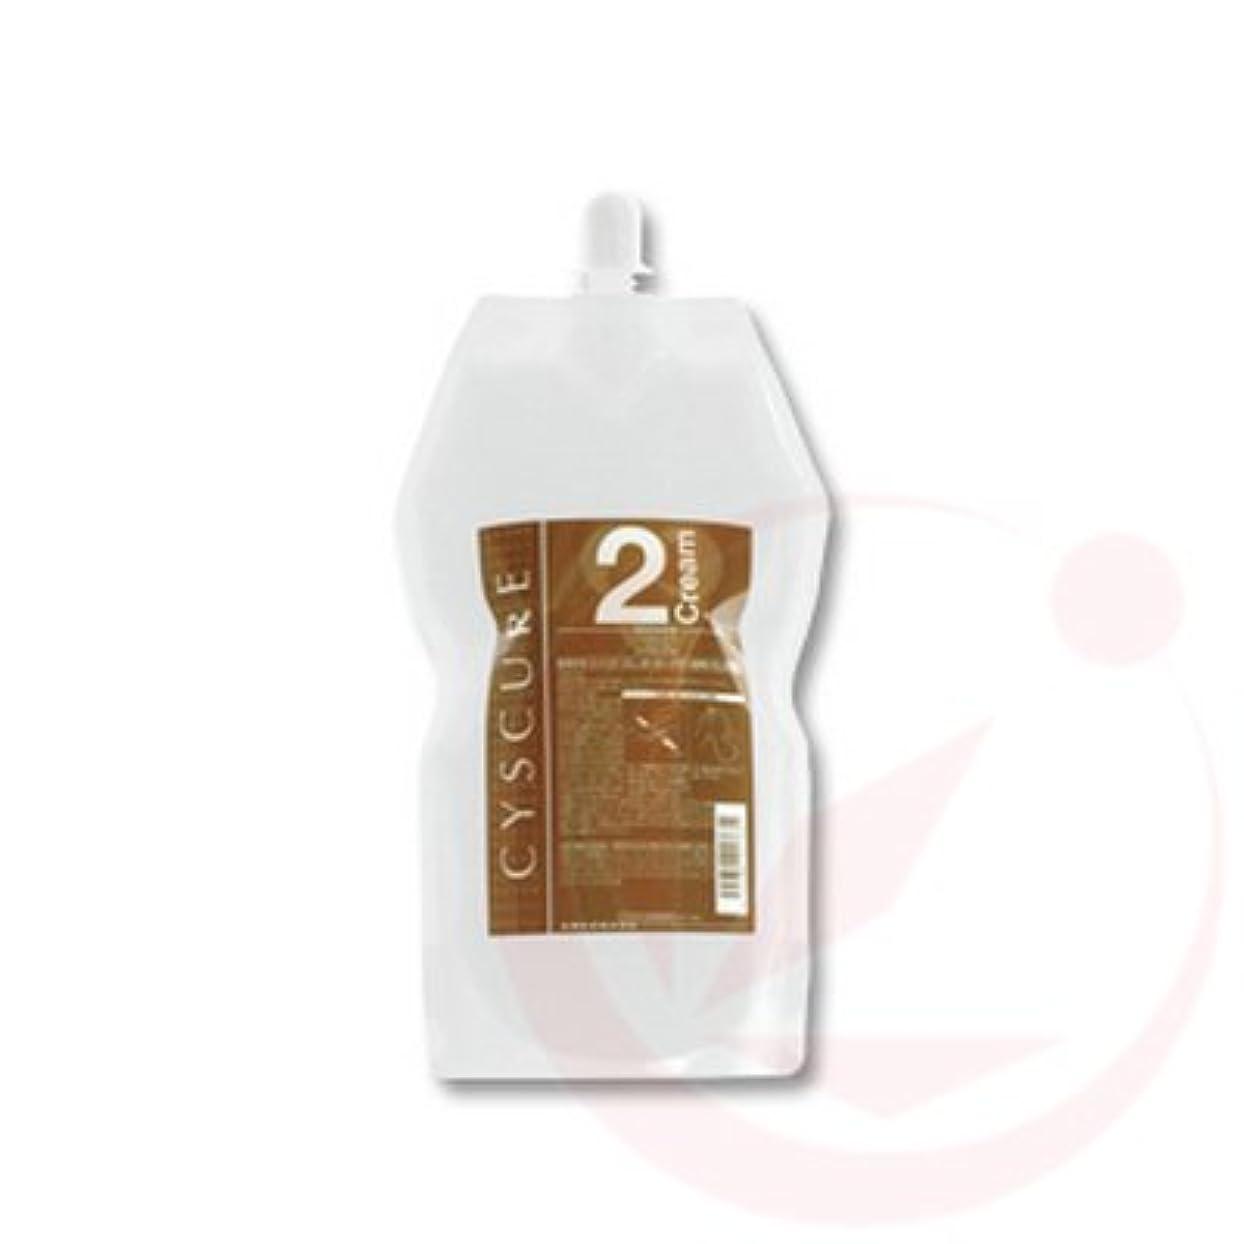 増幅する未来学士タマリス シスキュア2クリーム 1000g (パーマ剤/2剤)